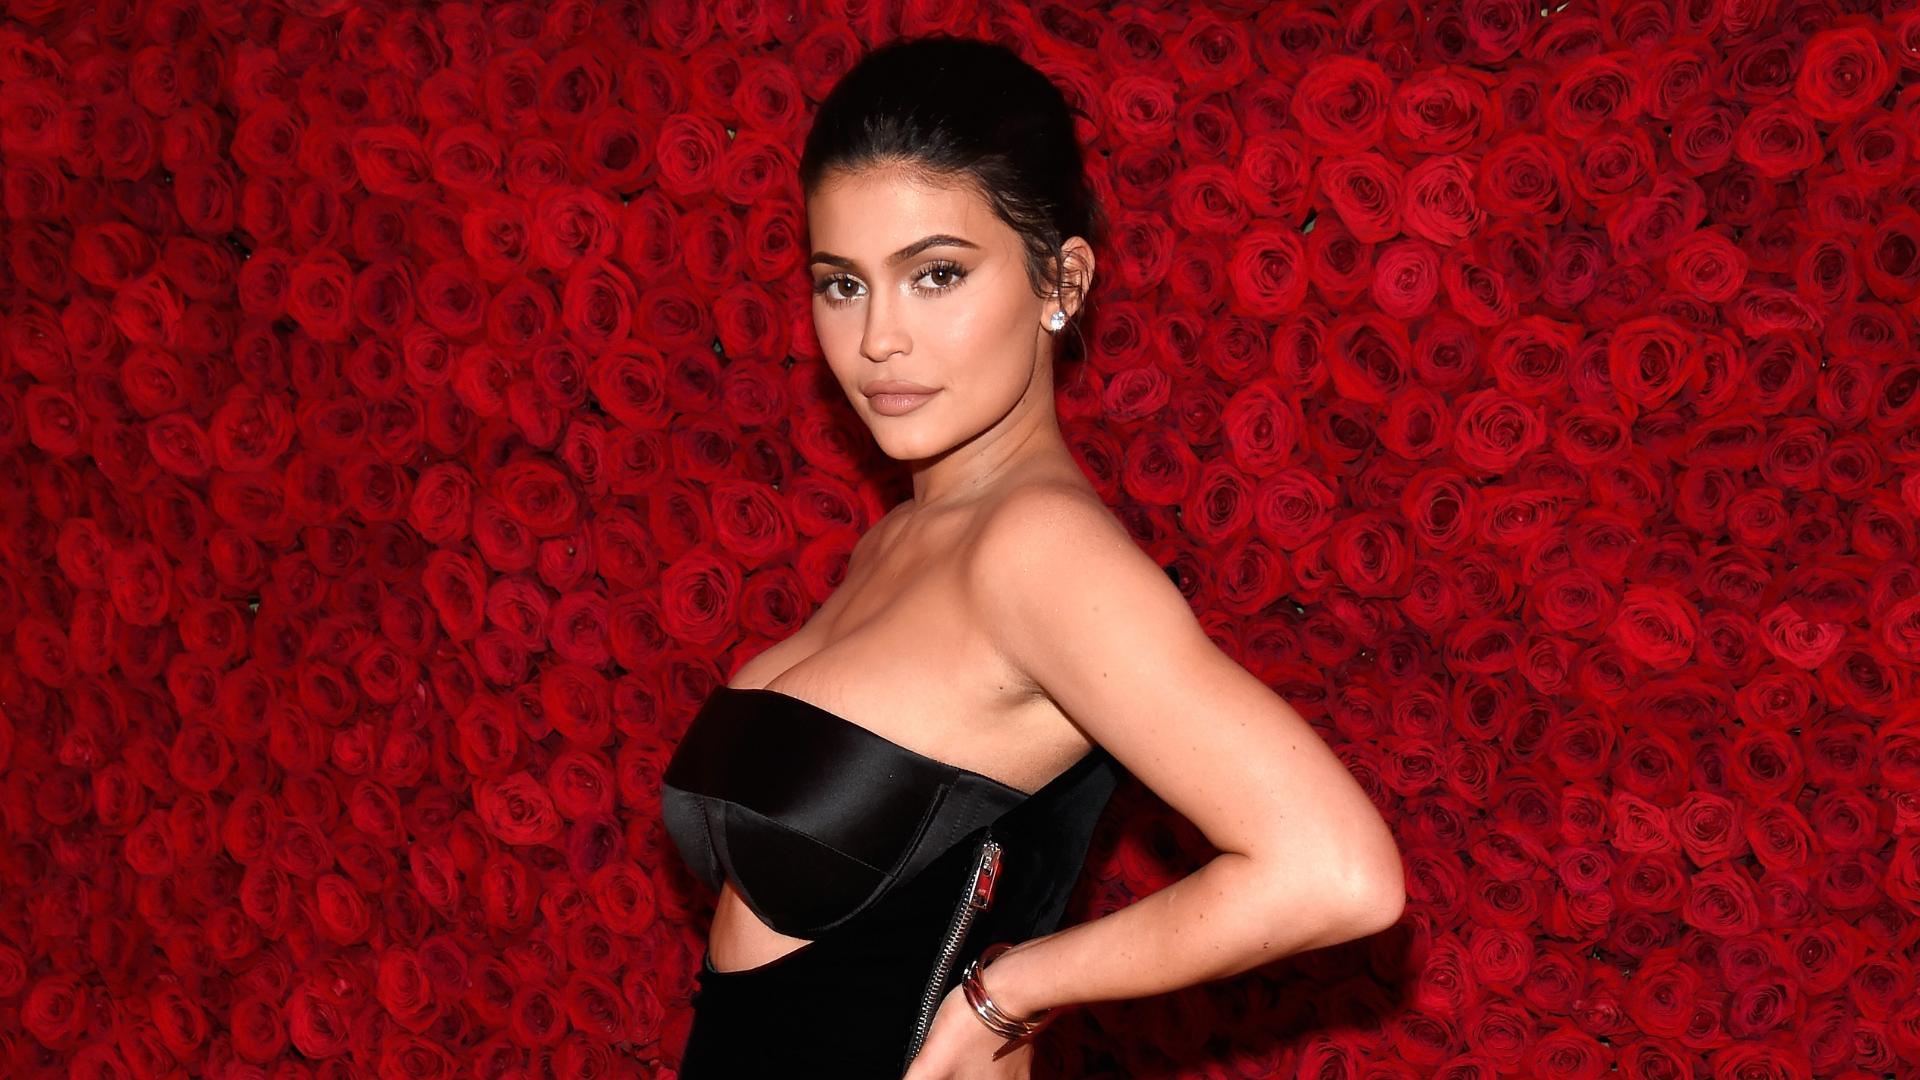 Estos son los secretos de Kylie Jenner para lucir perfecta a diario